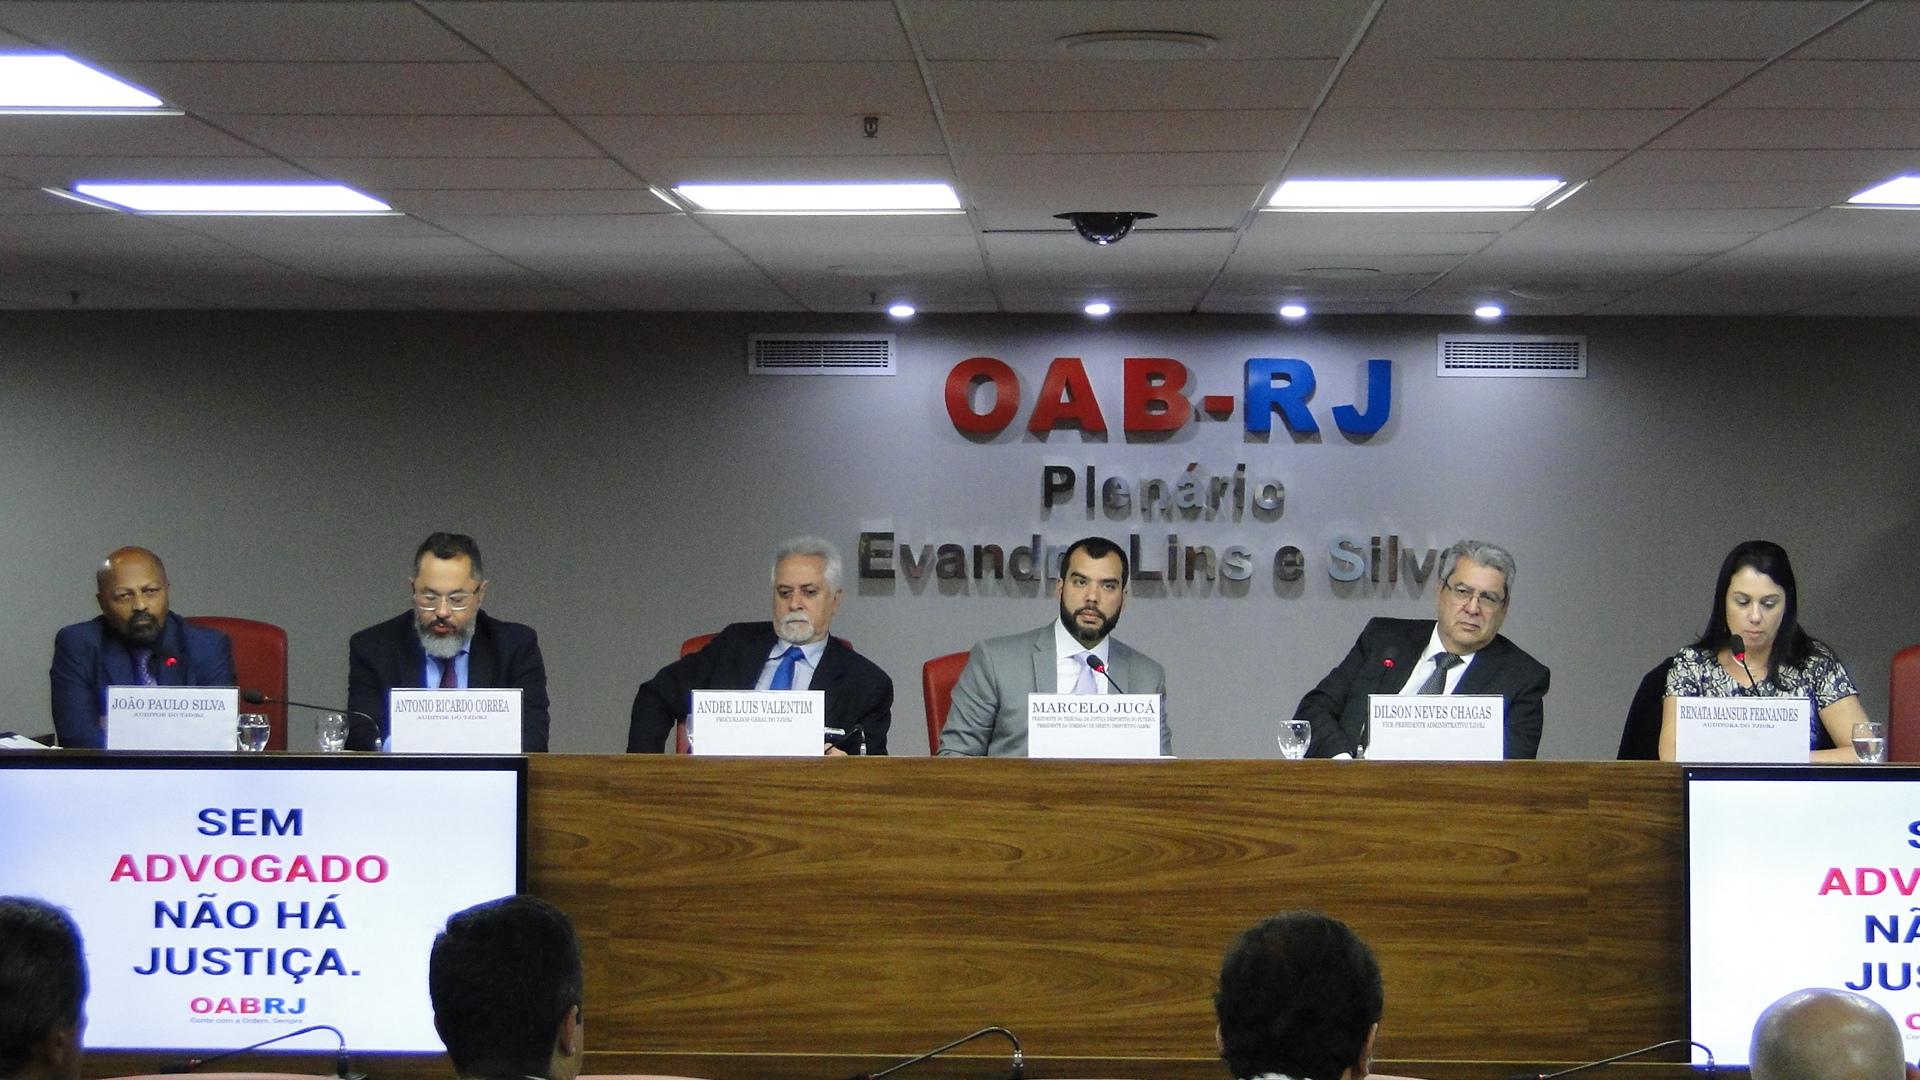 Pleno julga recursos direto da OAB-RJ